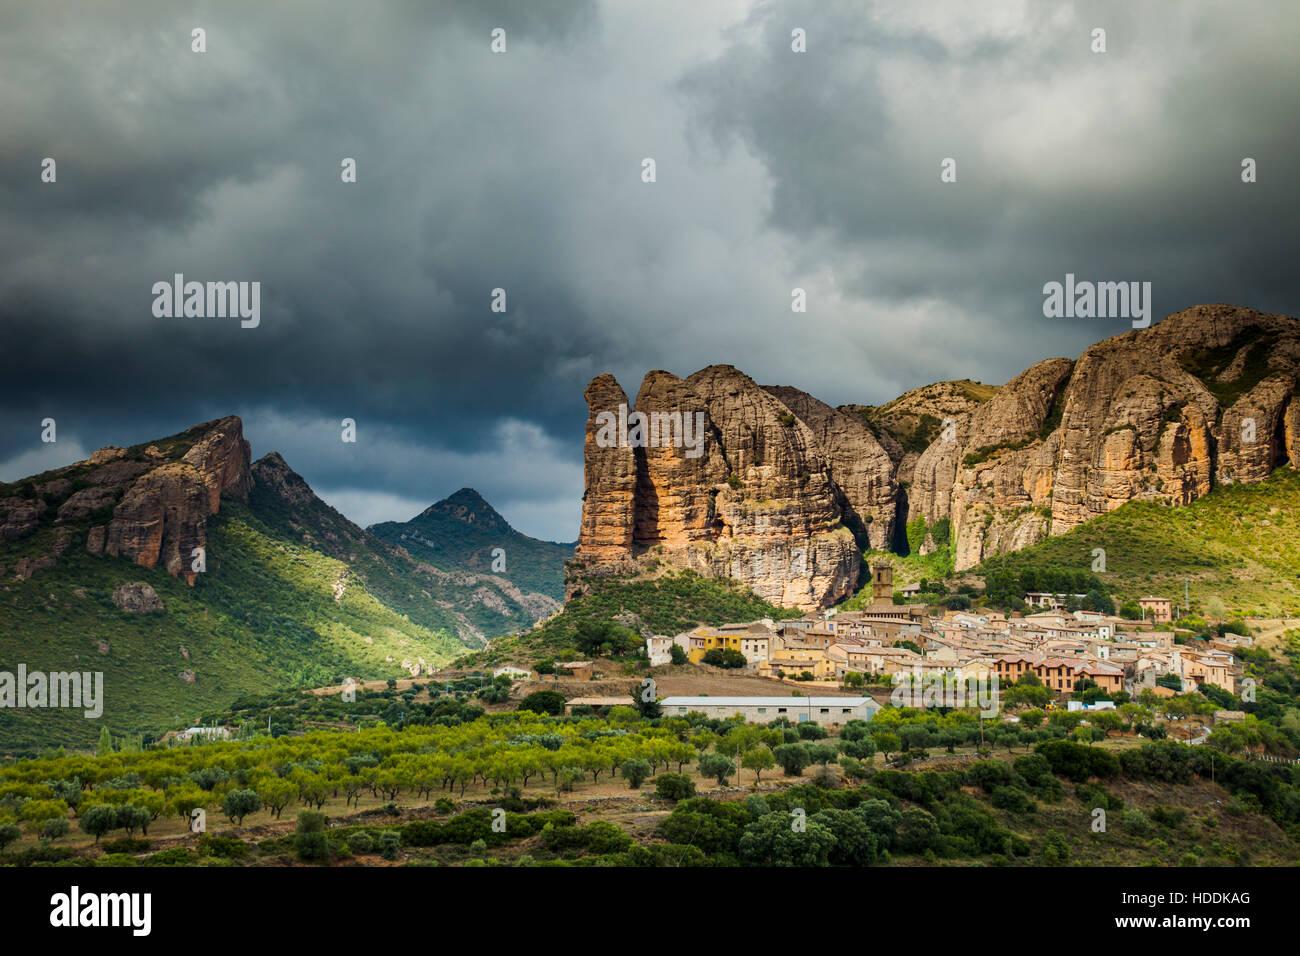 Ciel orageux sur Mallos de Agüero, une icône rock formation in Huesca, Aragon, Espagne. Pre-Pyrenees. Photo Stock